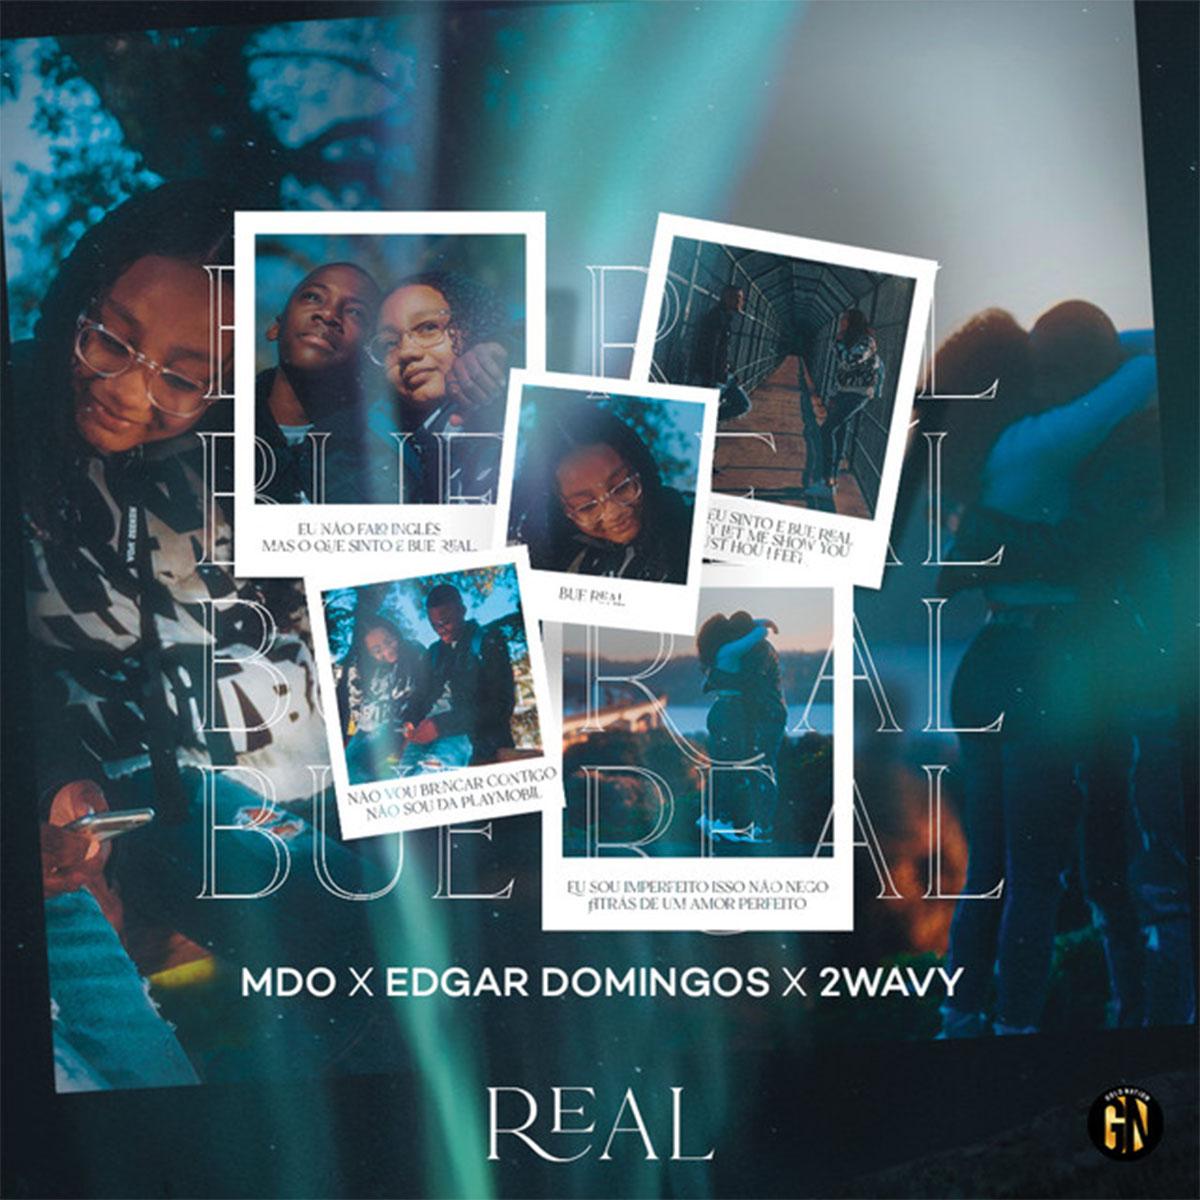 MDO (Menino de Ouro) x Edgar Domingos x 2Wavy - Real